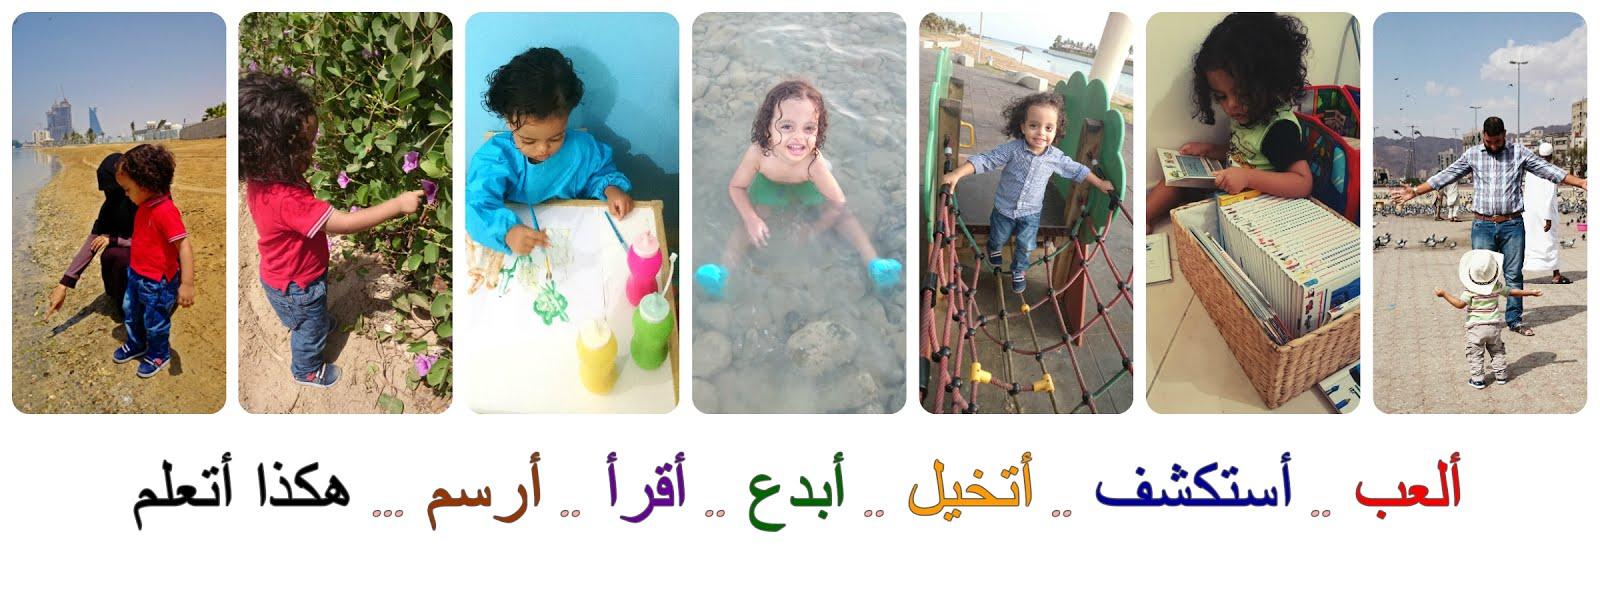 مدونة د/ دعاء مجدى